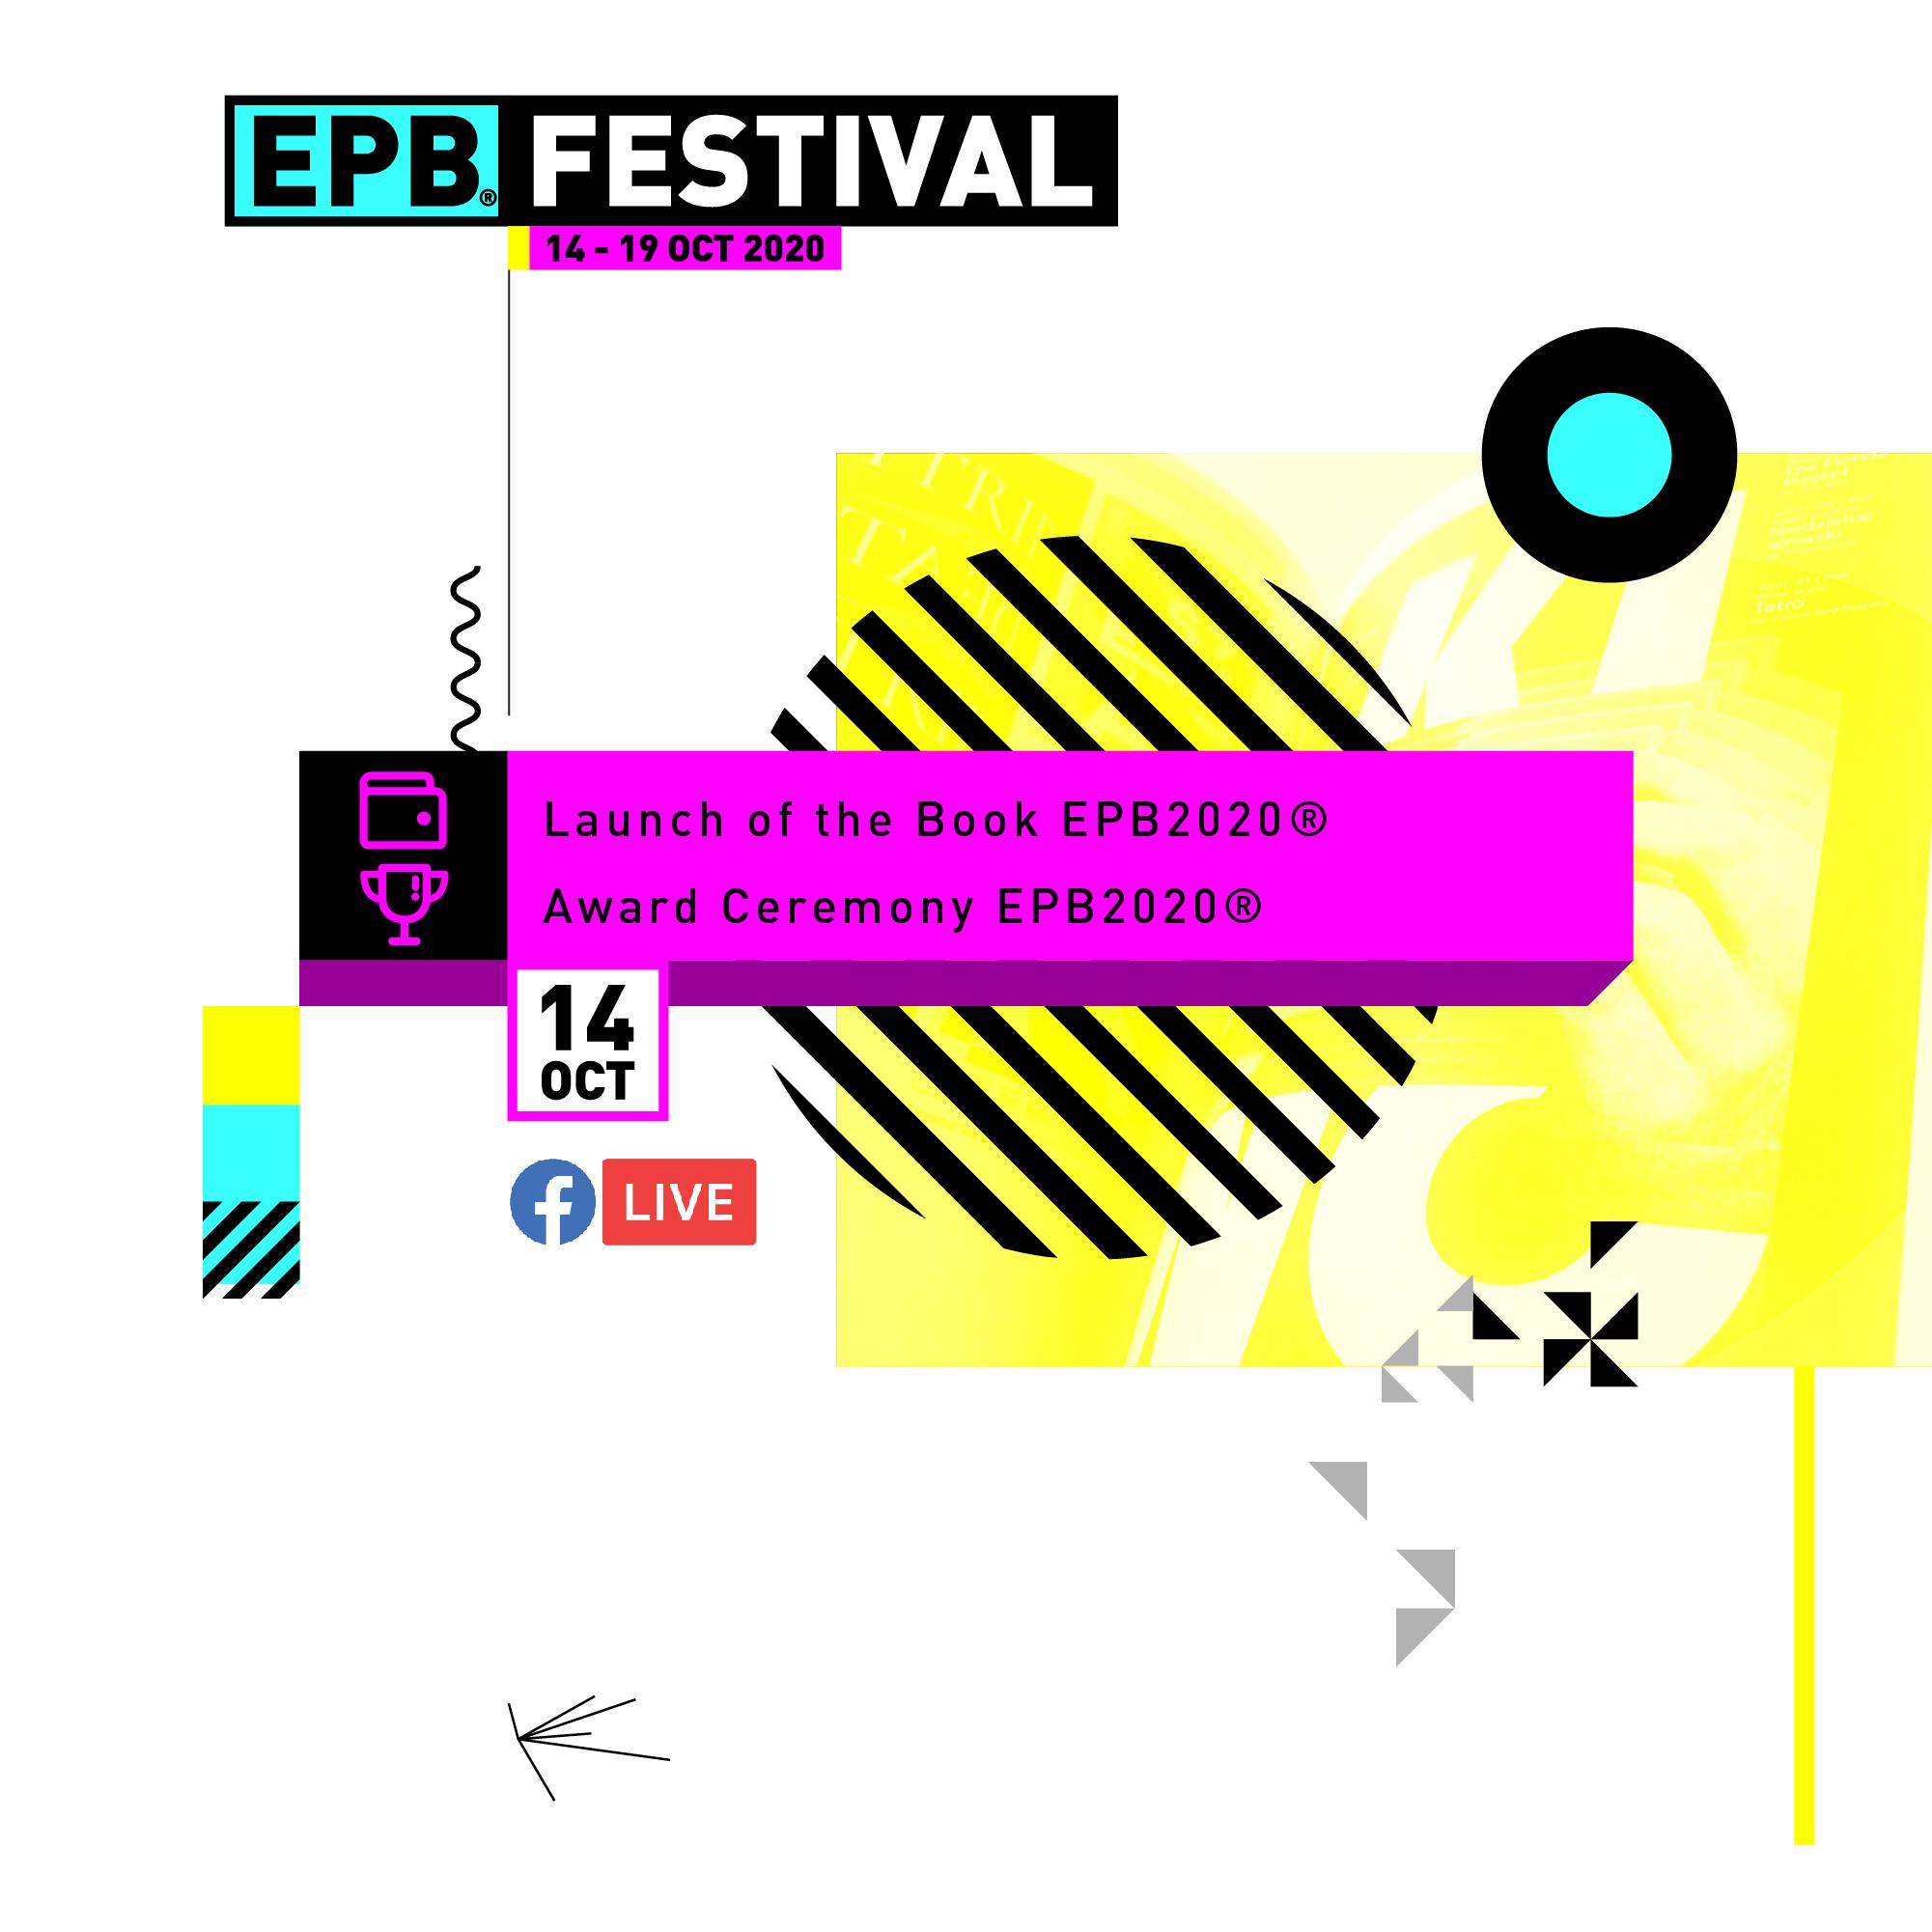 EPBFESTIVAL 14 OCT